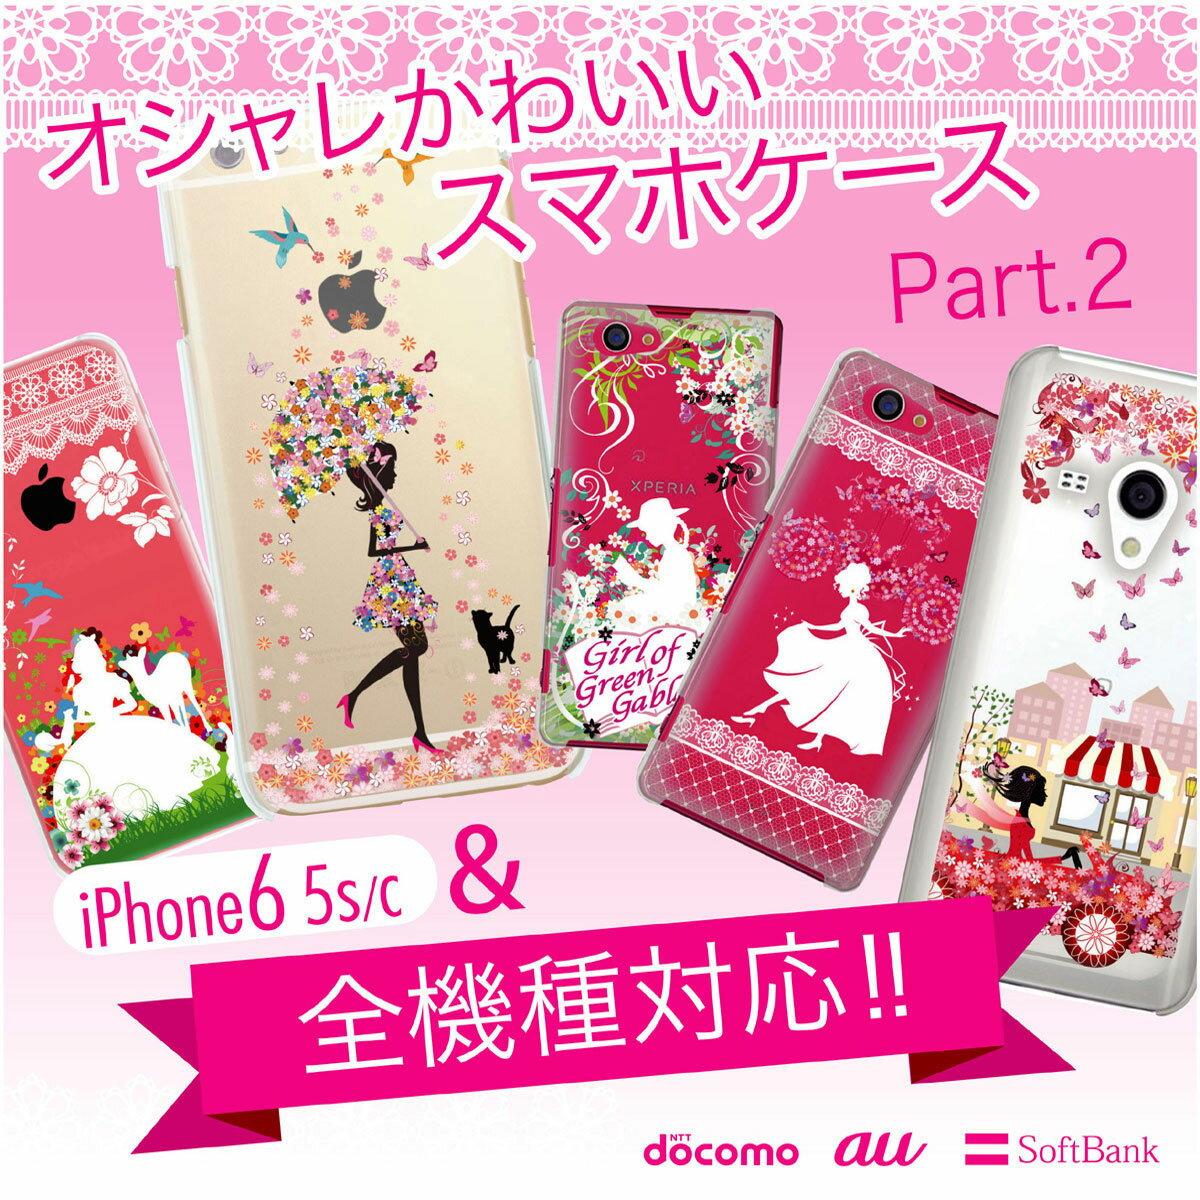 スマホケース 全機種対応 ケース カバー ハードケース クリアケース iPhoneXS Max iPhoneXR iPhoneX iPhone8 Plus iPhone7 iPhone6s iPhone6 Plus iPhone SE 5s Xperia XZ2 XZ1 XZ XZs SO-05K SO-03K aquos R2 R SH-03K galaxy S9 S8 アリス 01-zen-kawaii